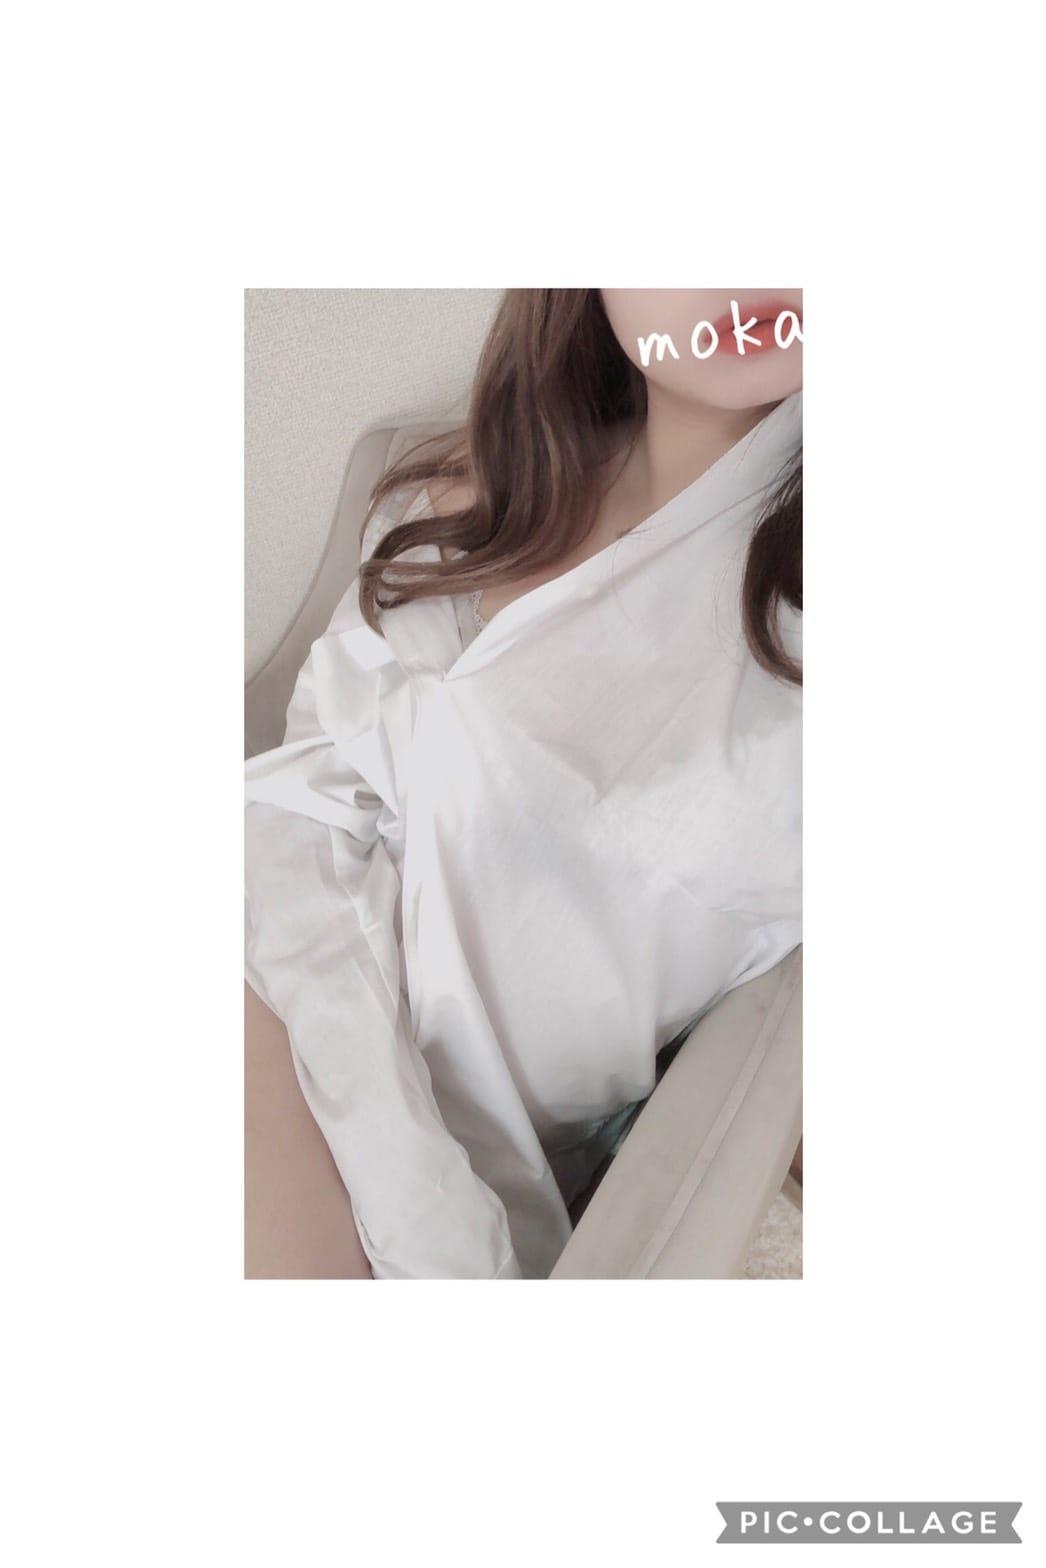 「出勤しました♪」04/10(土) 18:29 | moka(もか)の写メ・風俗動画